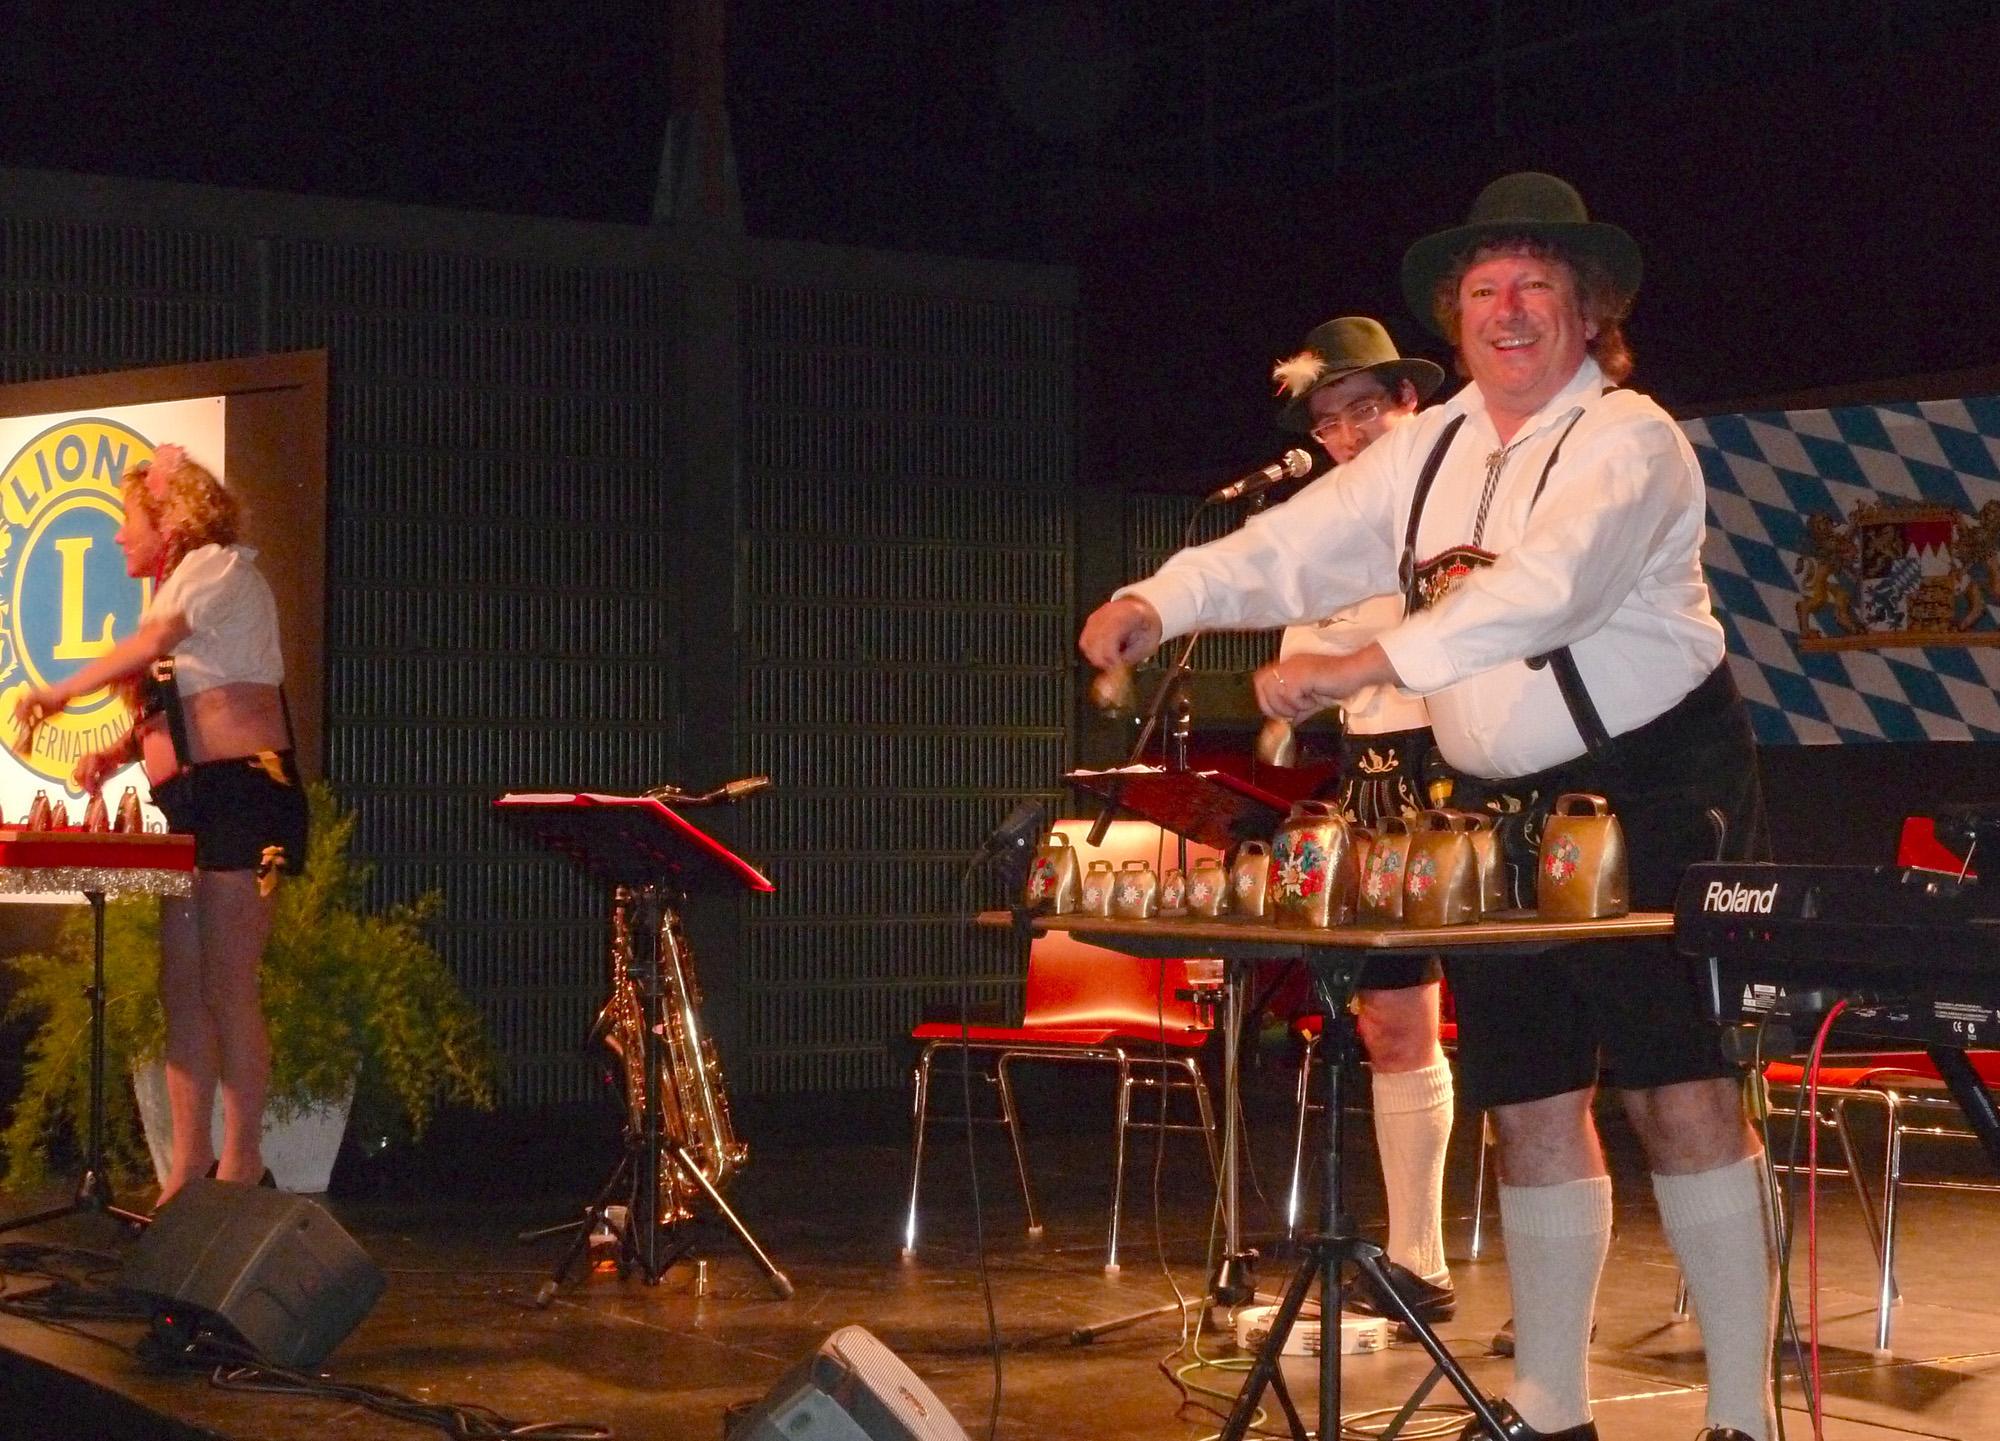 2a Duo de Clarines avec orchestre bavarois, Samedi 1er octobre 2011 à Pont à Mousson 54